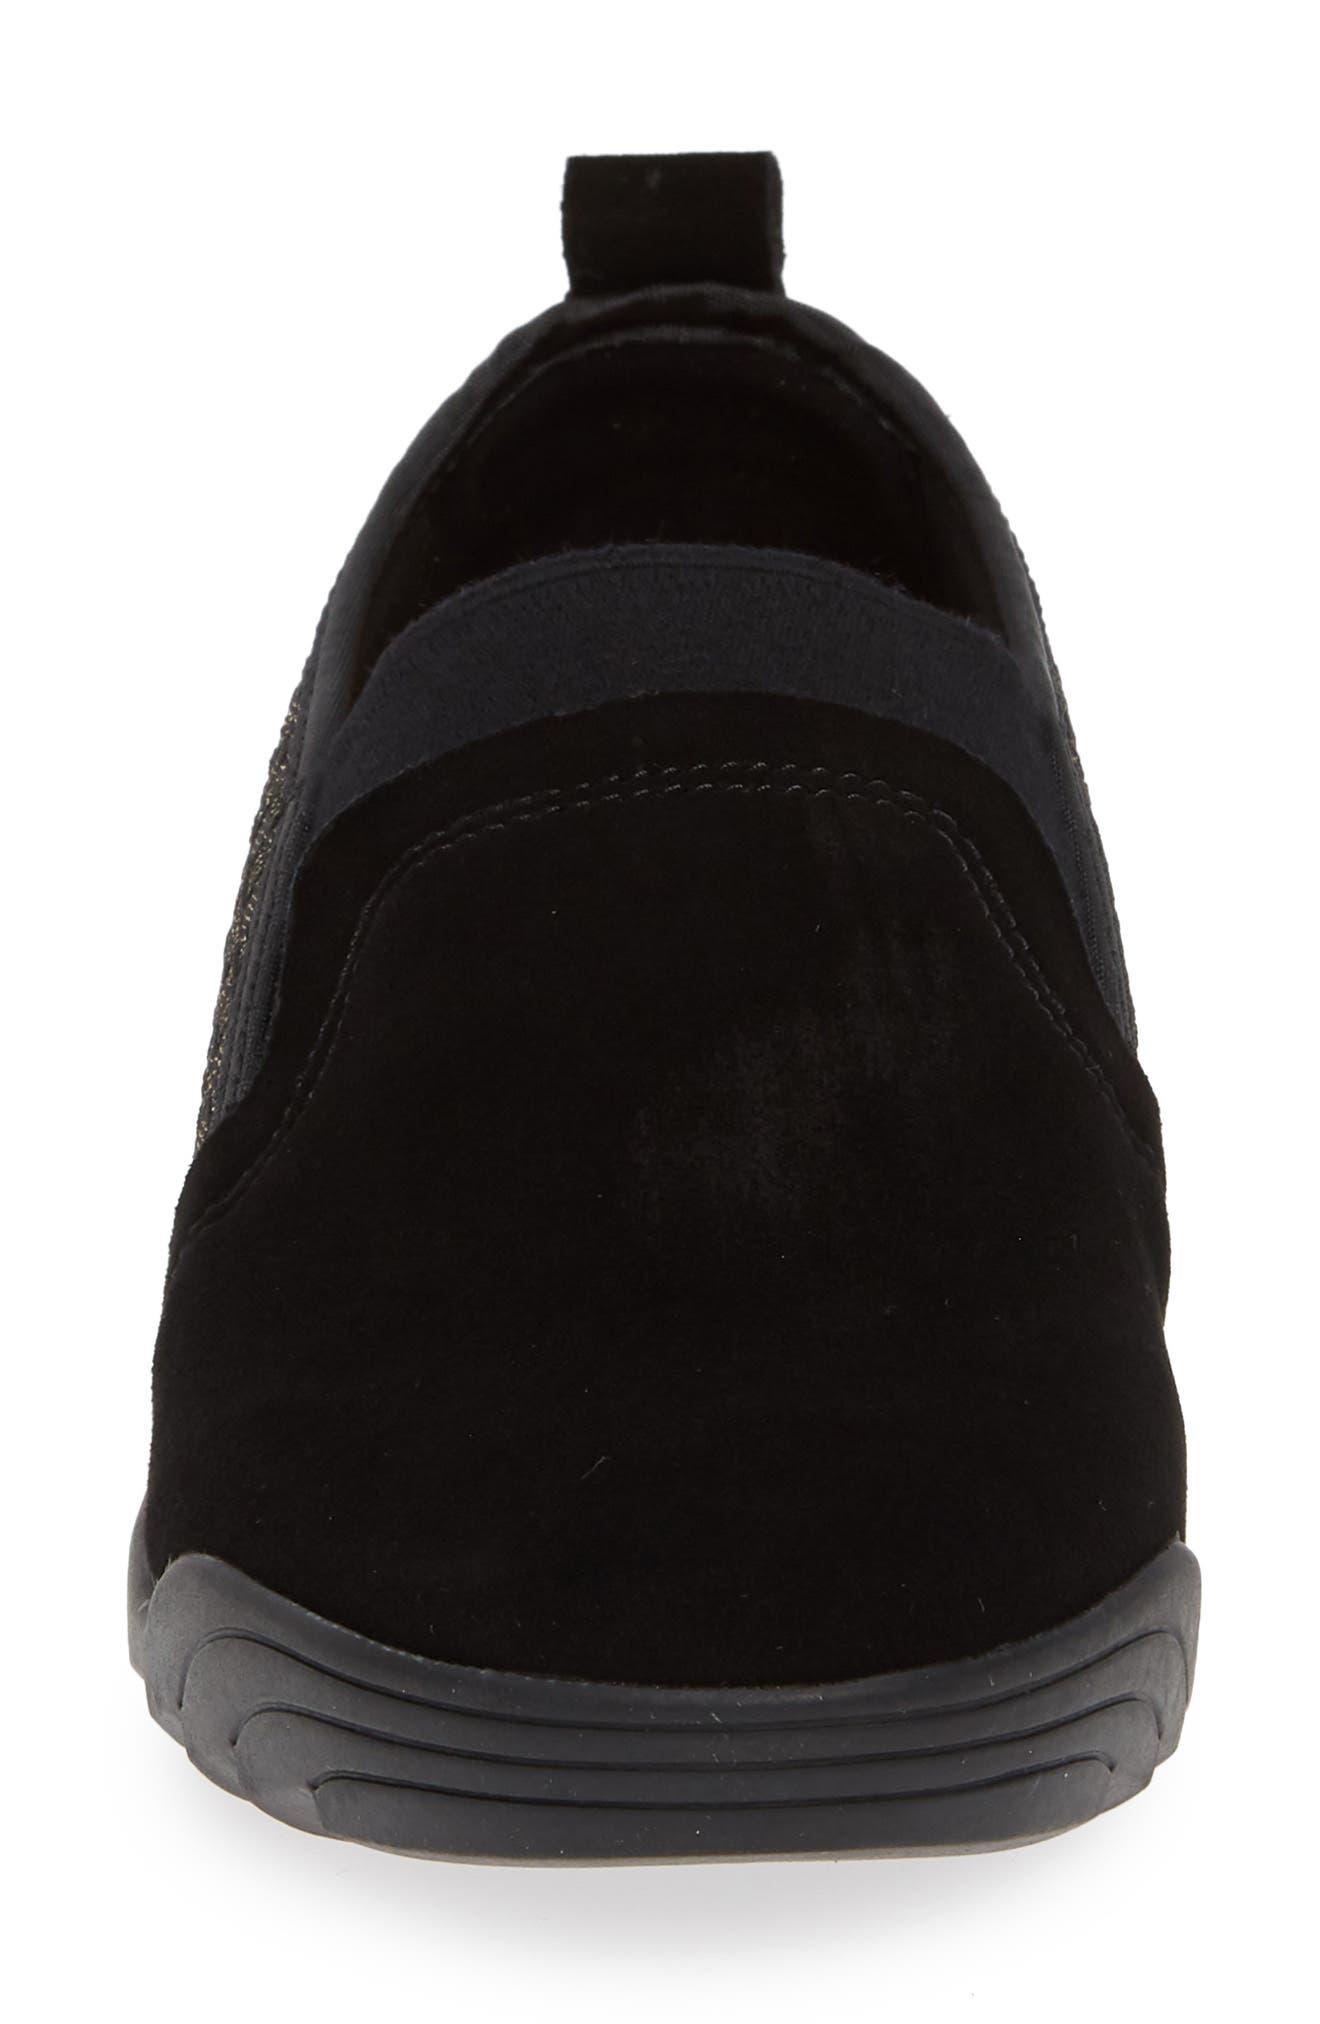 Swift Slip-On Sneaker,                             Alternate thumbnail 6, color,                             Gold Black Shimmer Leather